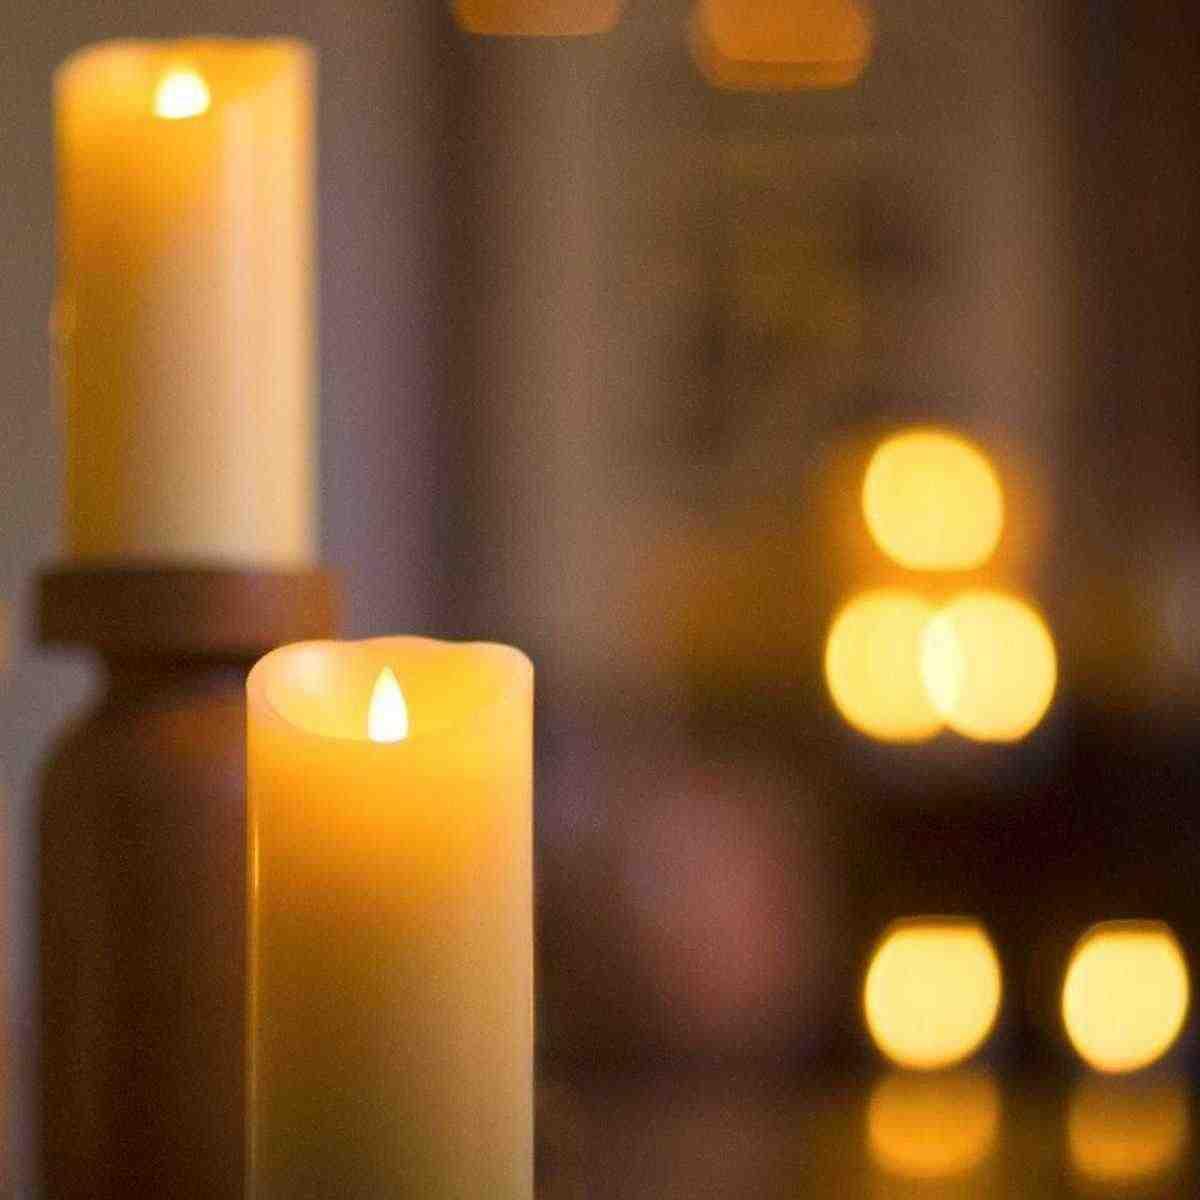 3 cái/bộ Luminara Ngà Flameless Candle Moving Wick Mô Phỏng Ngọn Nến Nến Đèn Đám Cưới Bên Trang Trí Nhà Sinh Nhật